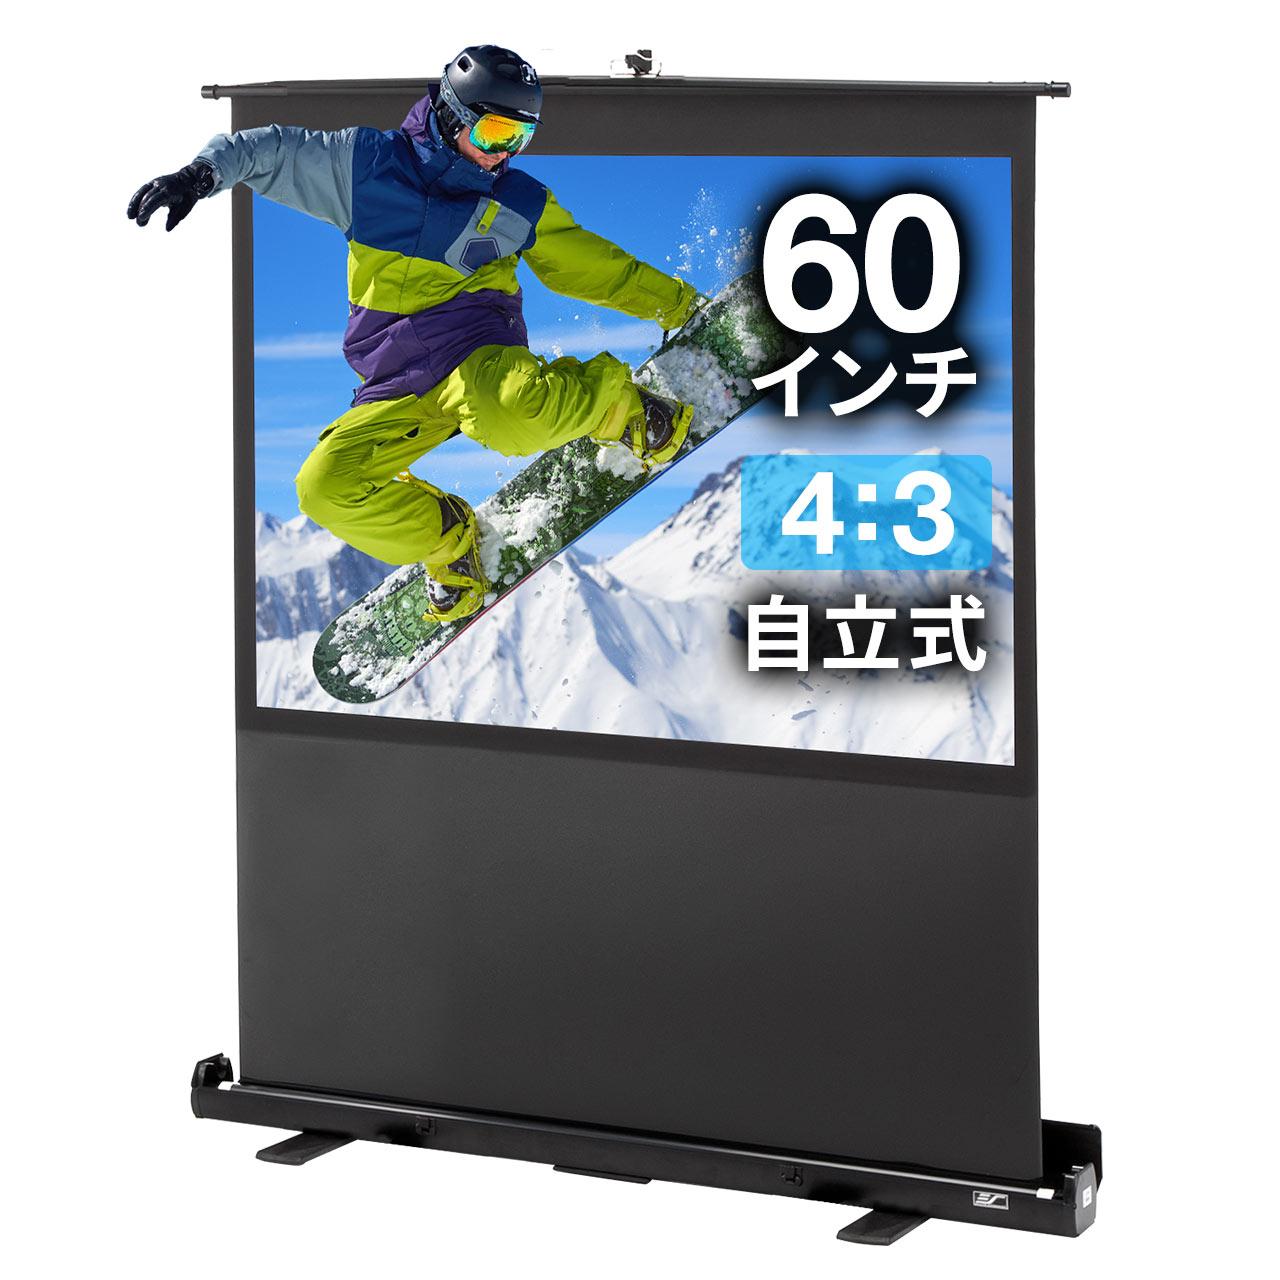 プロジェクタースクリーン 4:3 60インチ相当 自立式床置きインチ 携帯インチロールスクリーン プロジェクター・スクリーン プレゼン・ホームシアターに ケース一体型 [100-PRS006]【サンワダイレクト限定品】【送料無料】